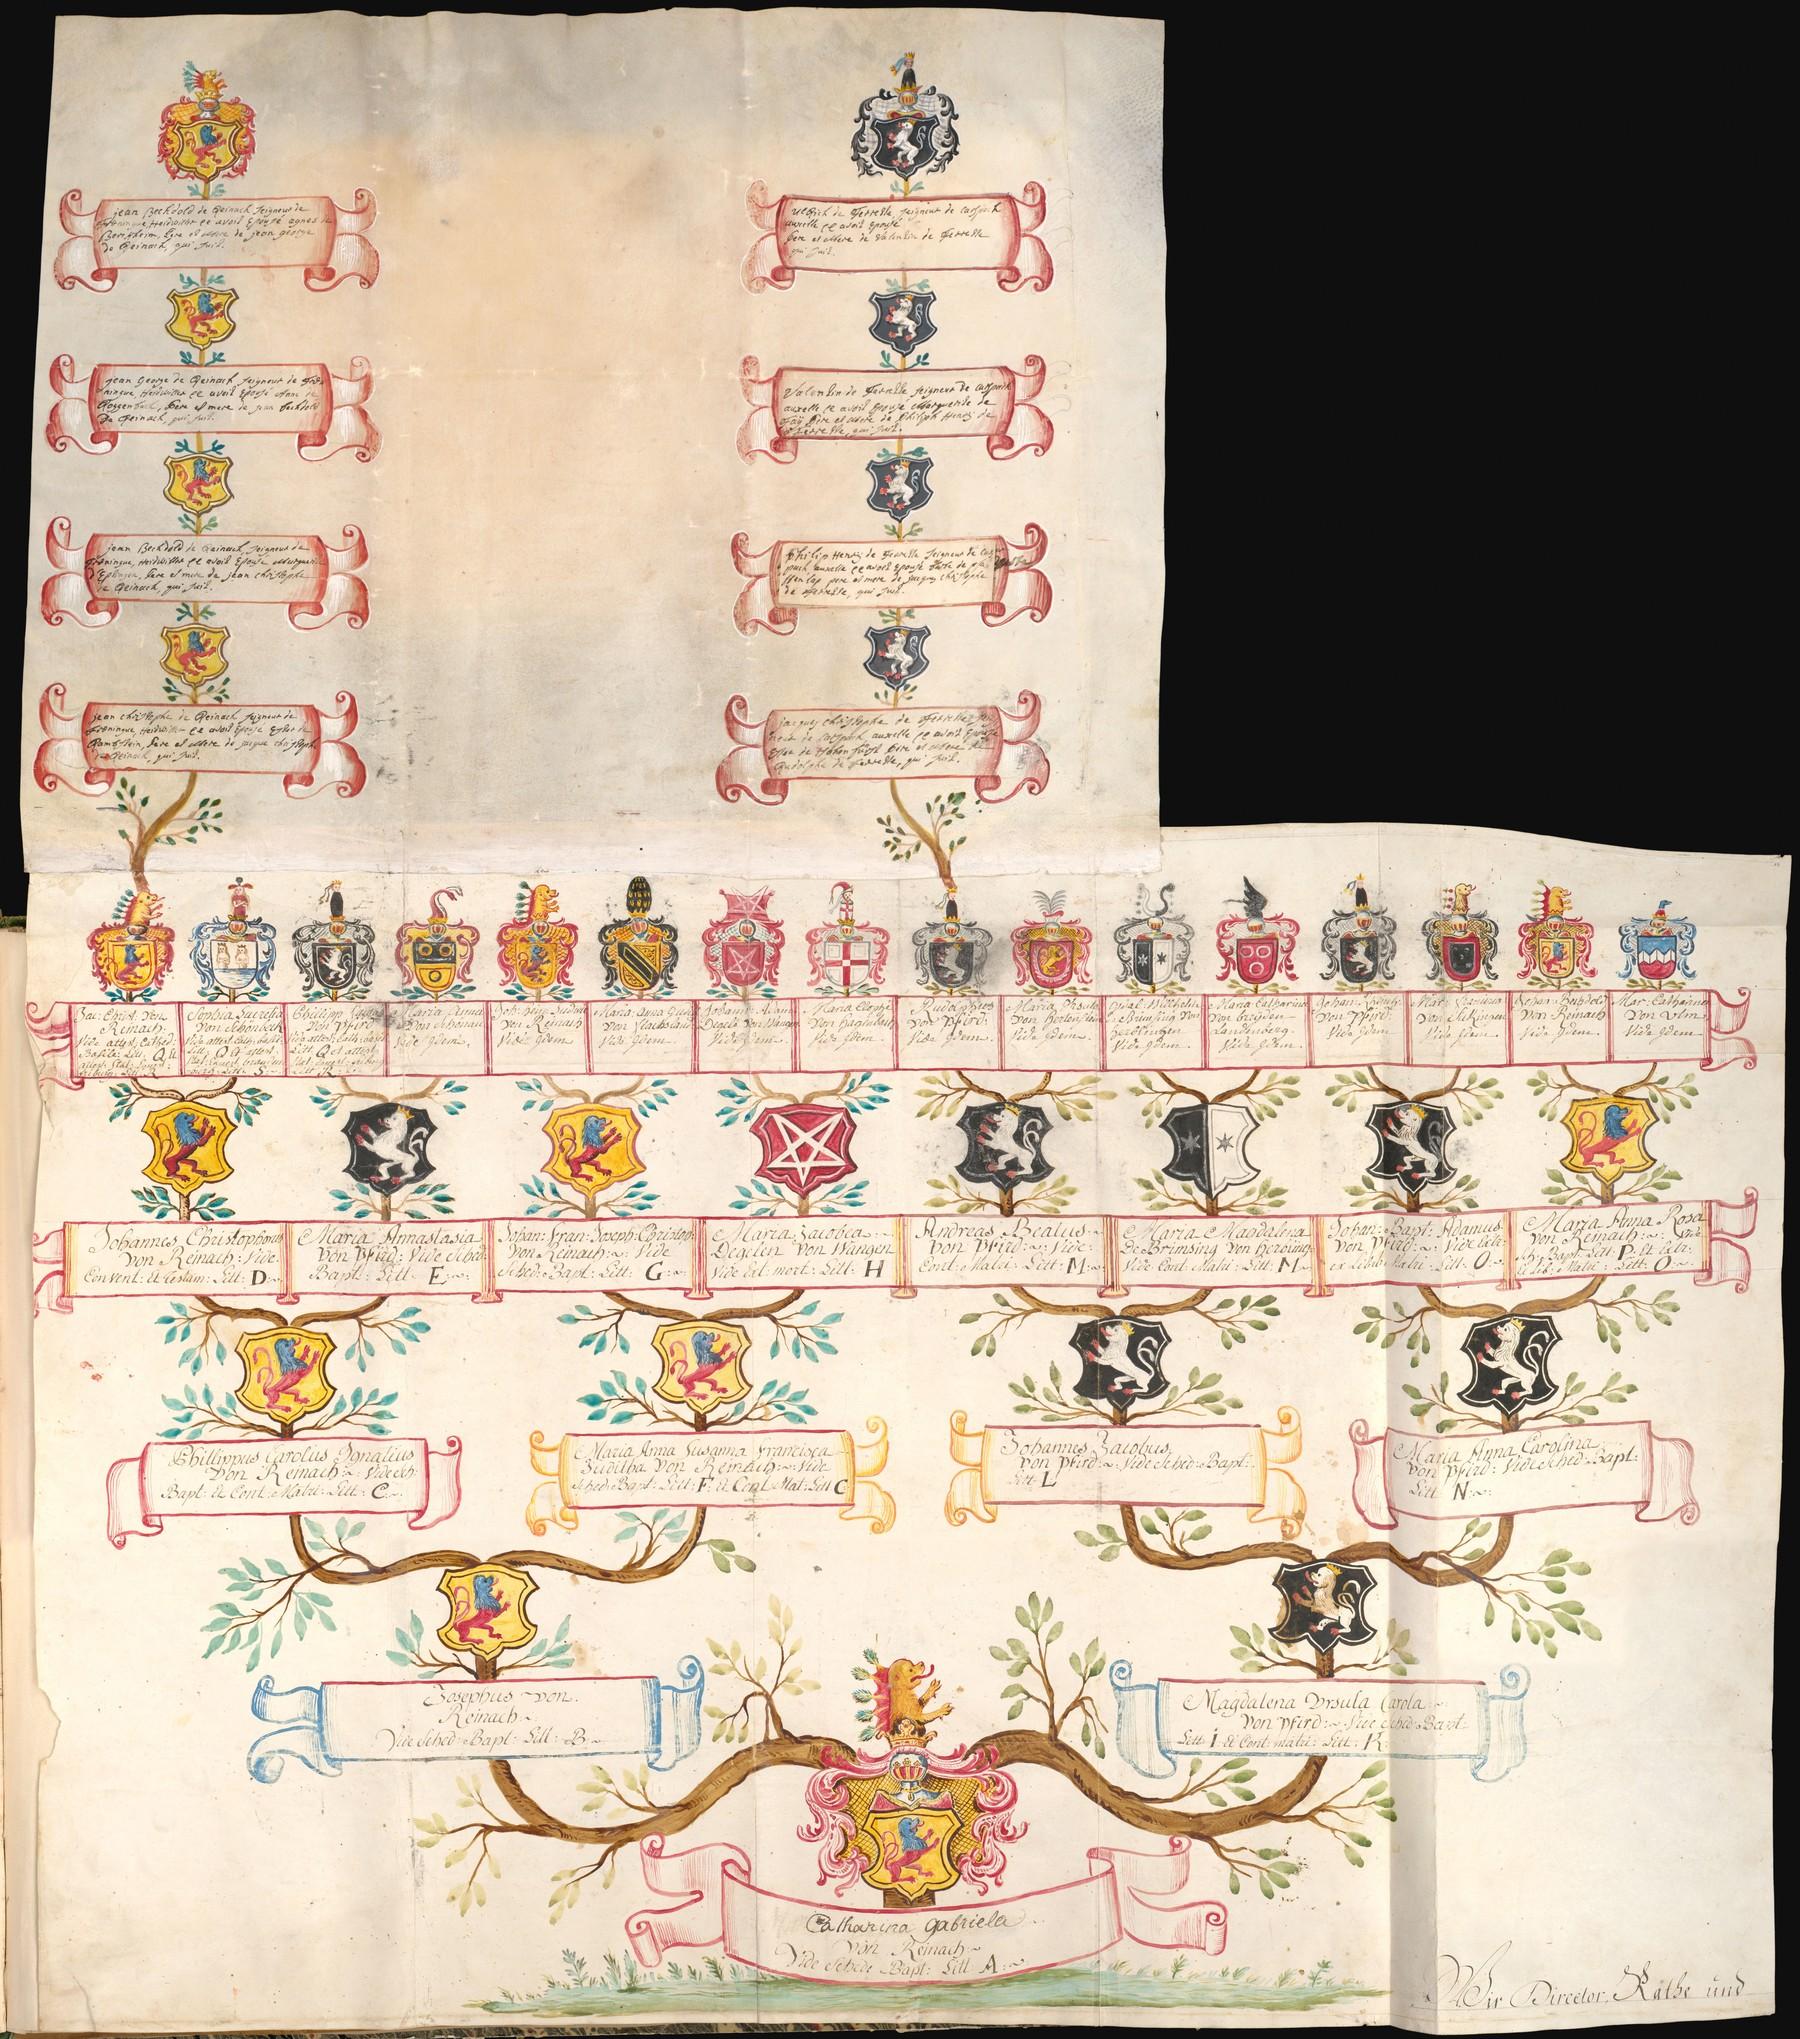 Contenu du Arbre généalogique de Catherine Gabrielle de REINACH (1772-1838).